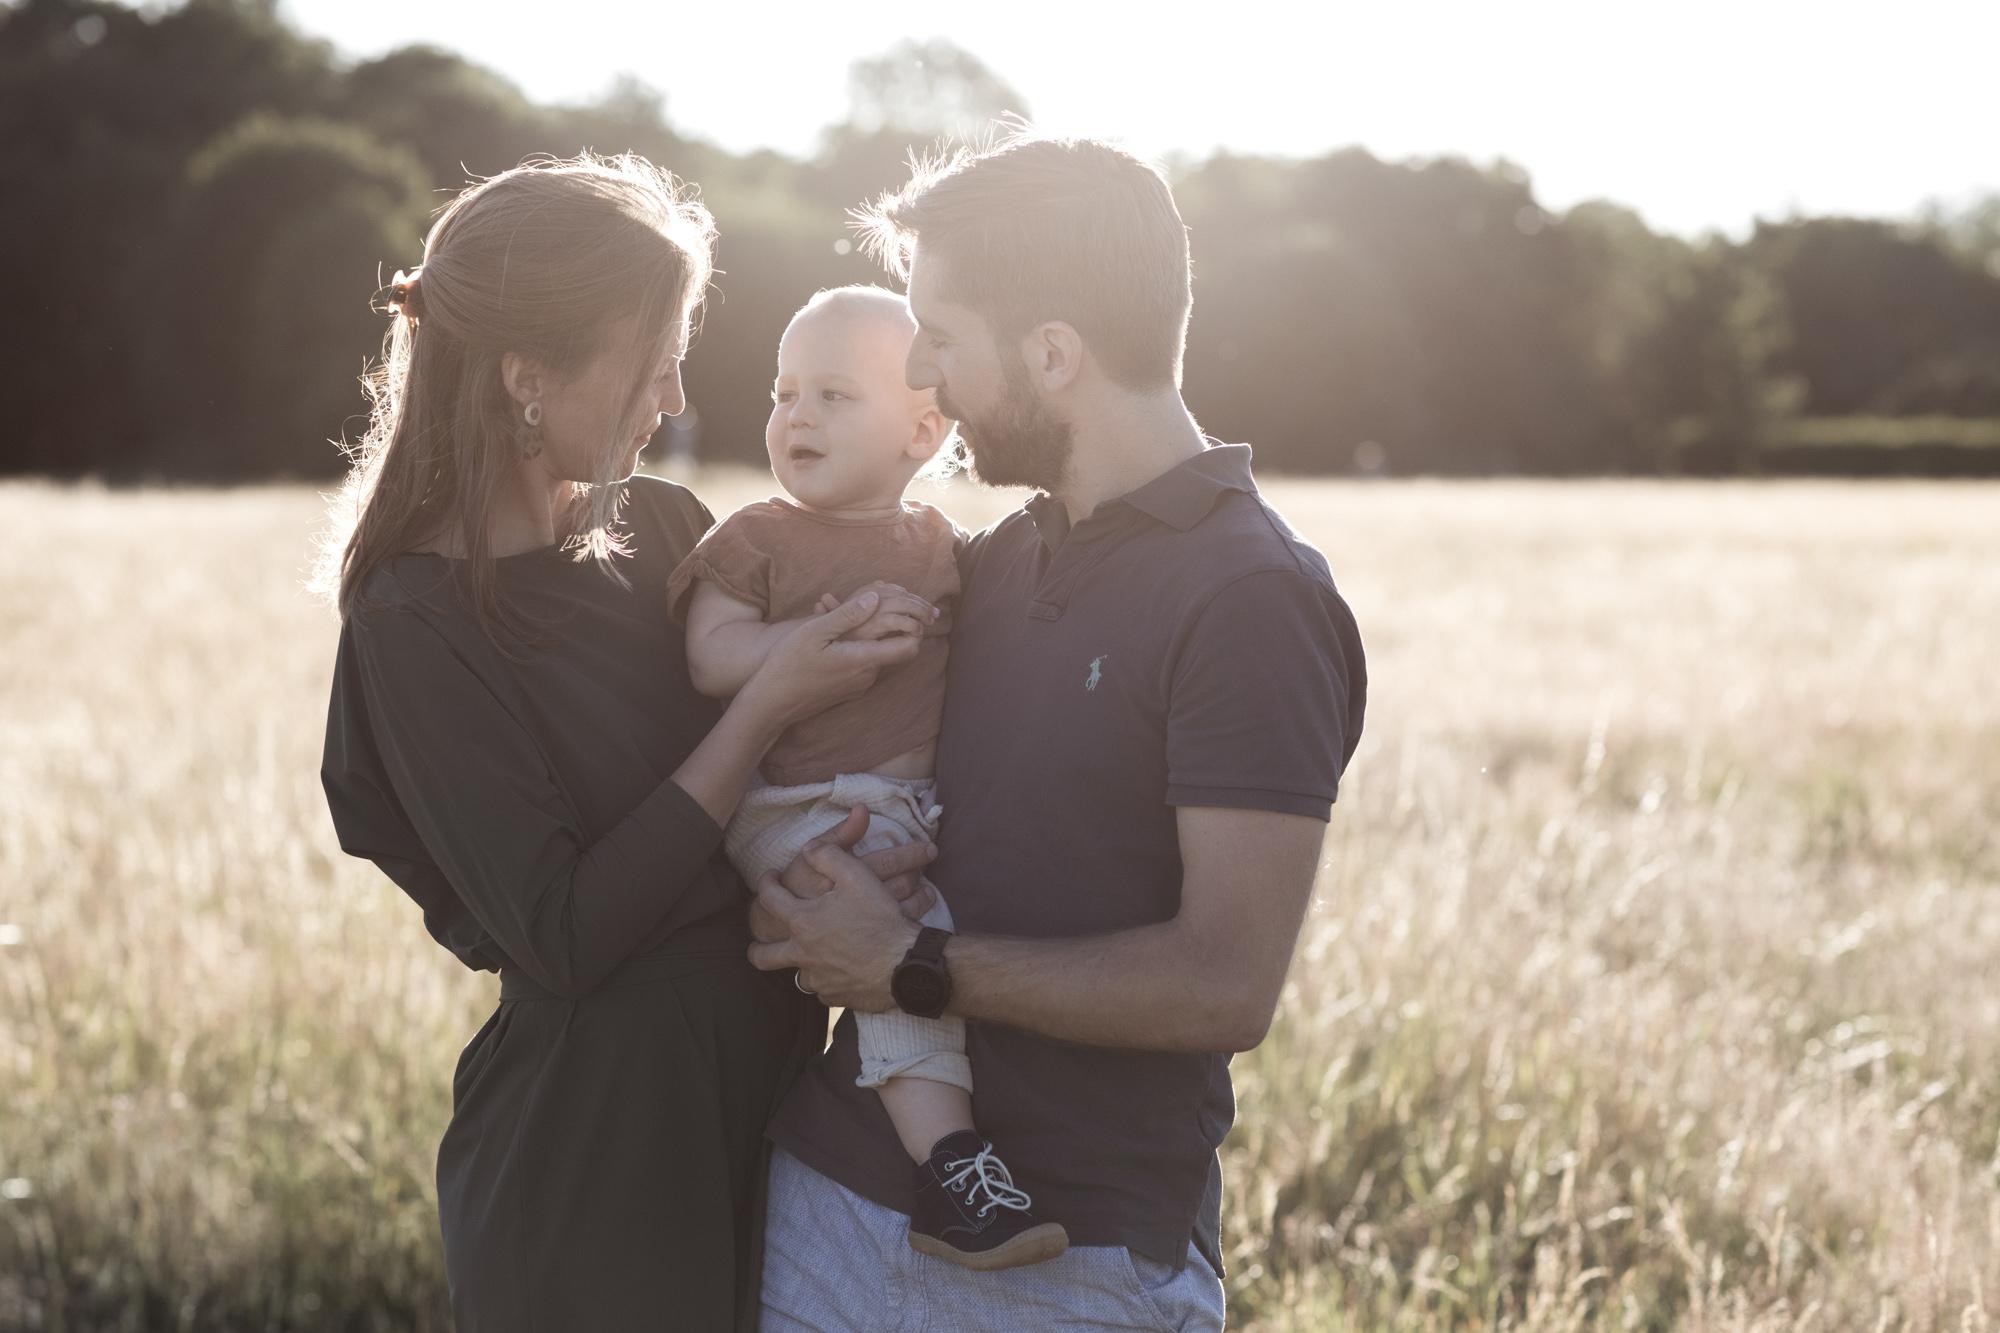 Familienfotoshooting in der Natur - Fotograf Basel